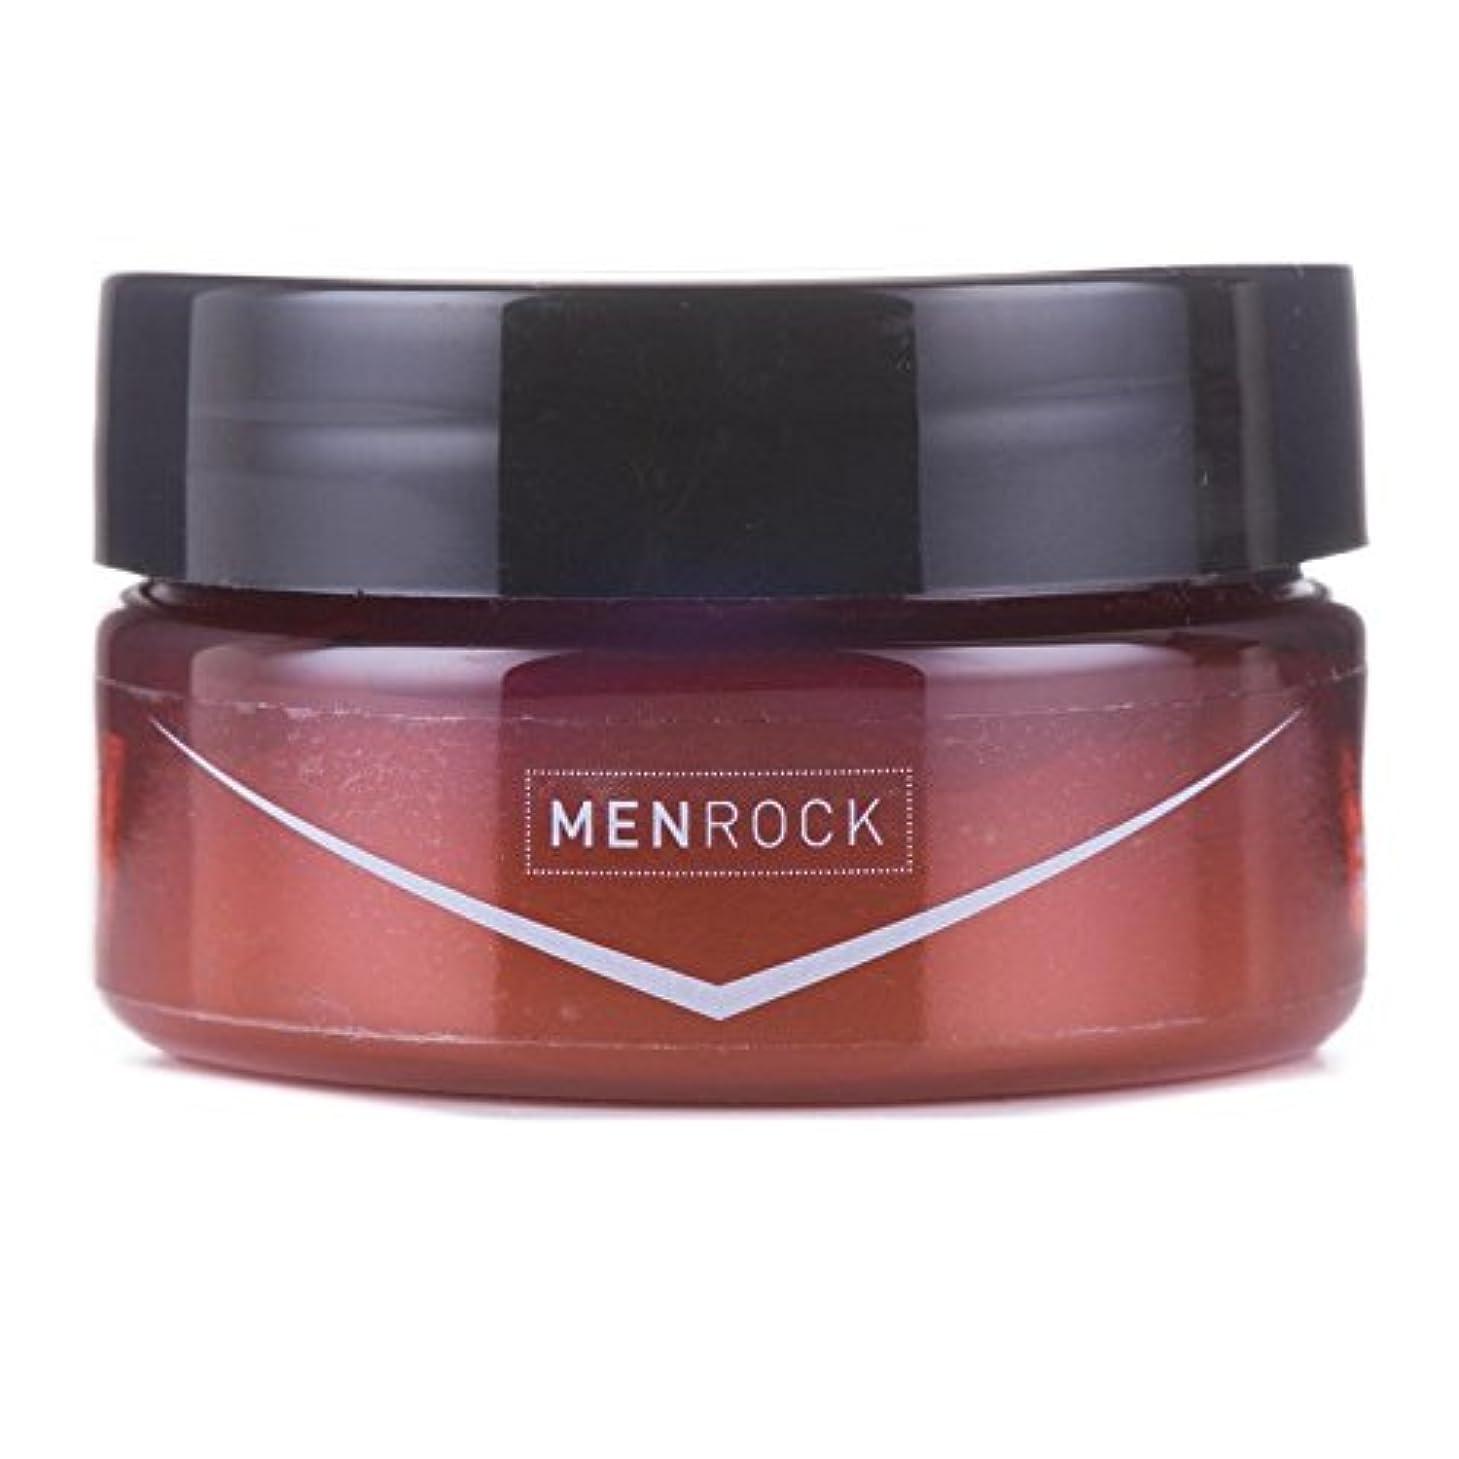 売る面接続されたMen Rock Sandalwood Moustache Wax - 男性の岩白檀口ひげワックス [並行輸入品]